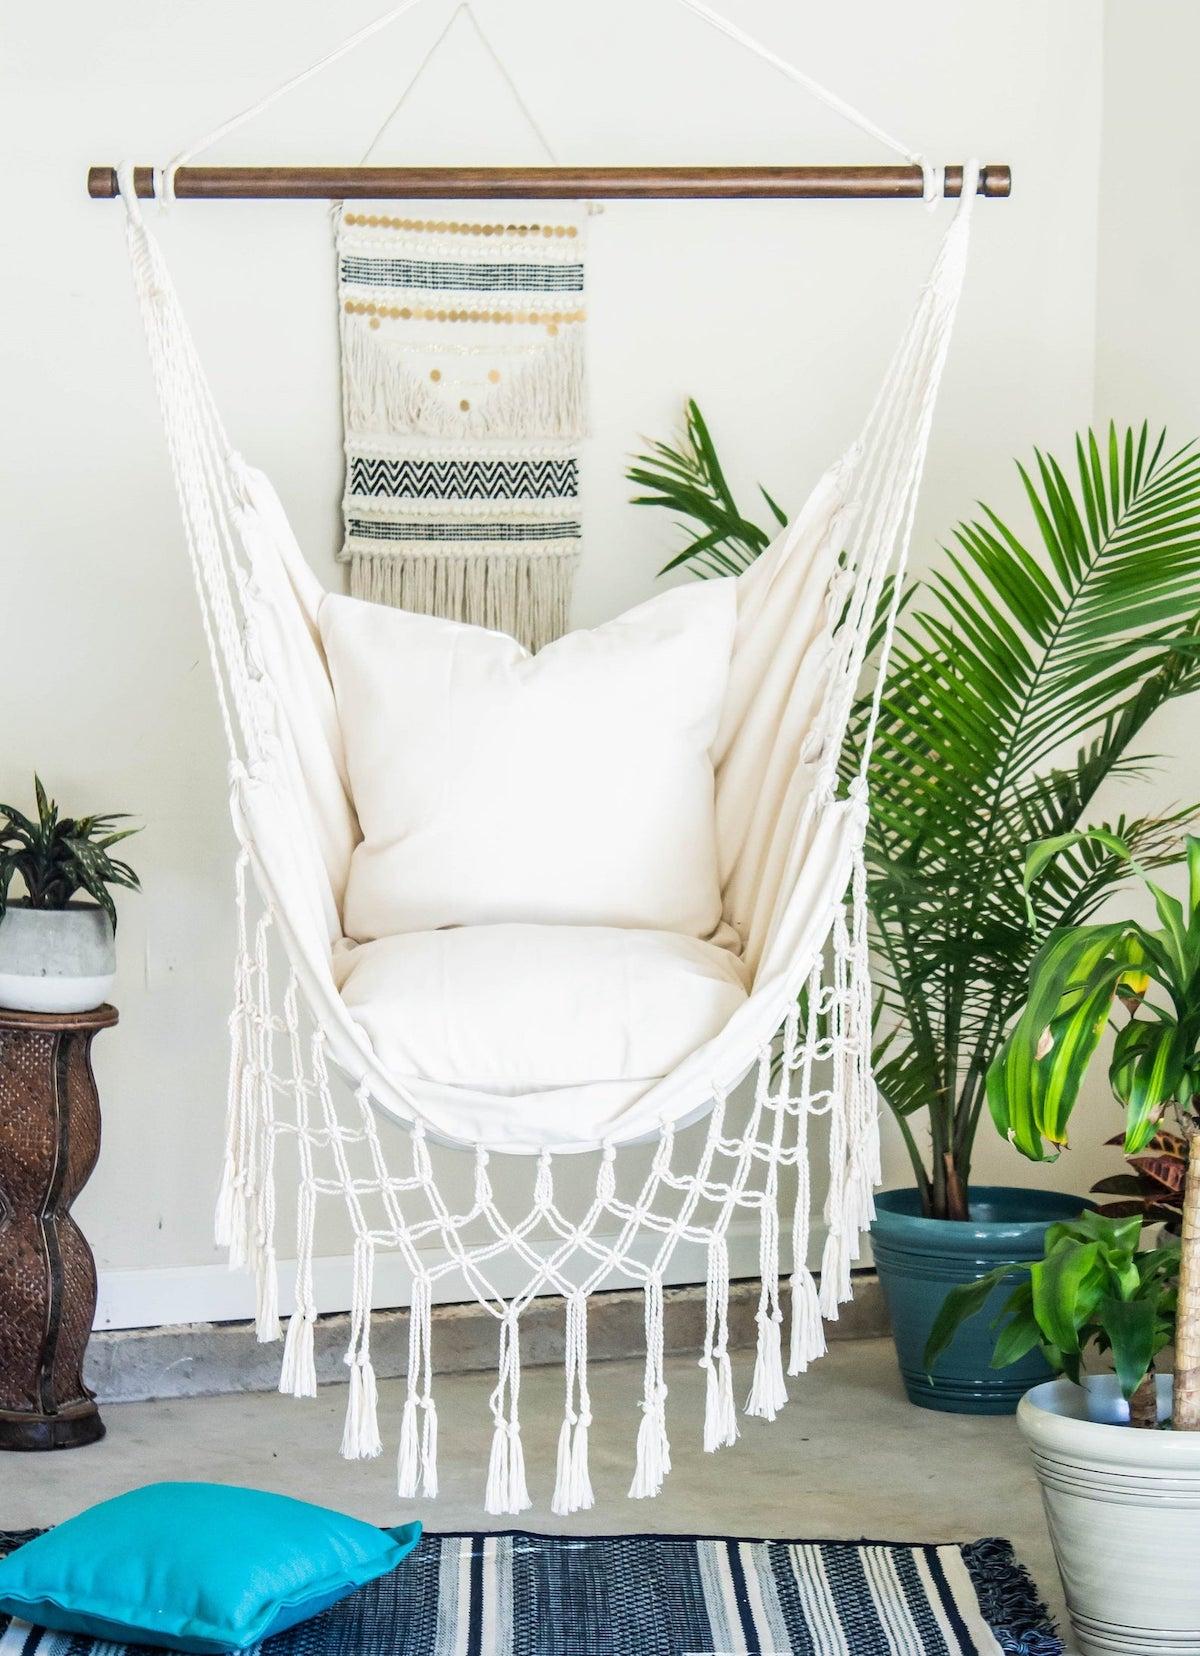 macramé hammock chair chaise hamac style bohème